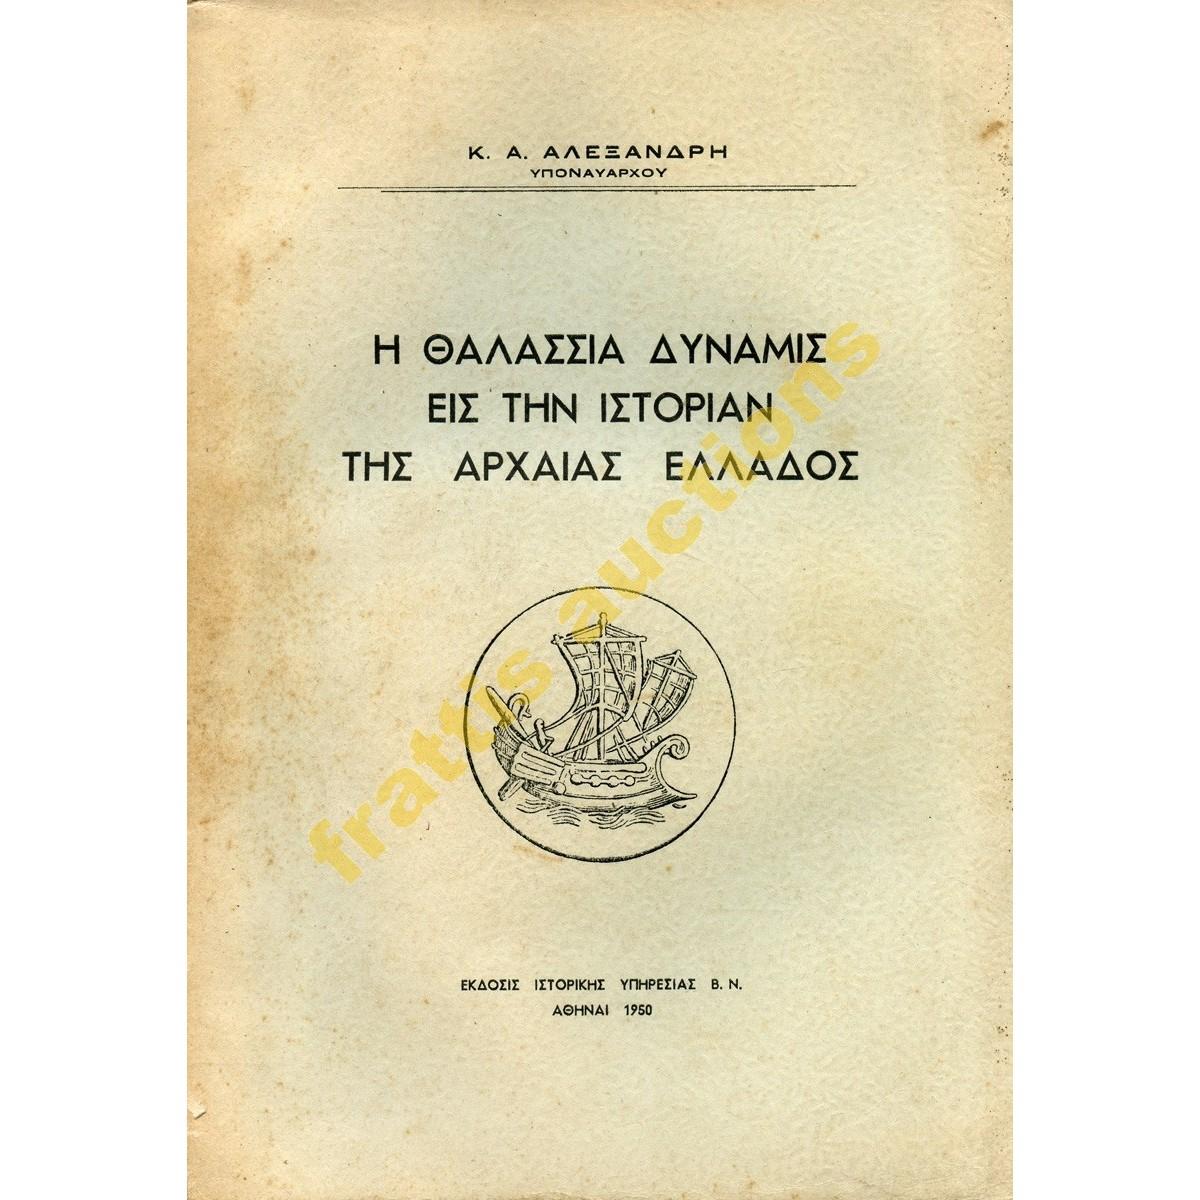 ΑΛΕΞΑΝΔΡΗΣ Κ., Α.